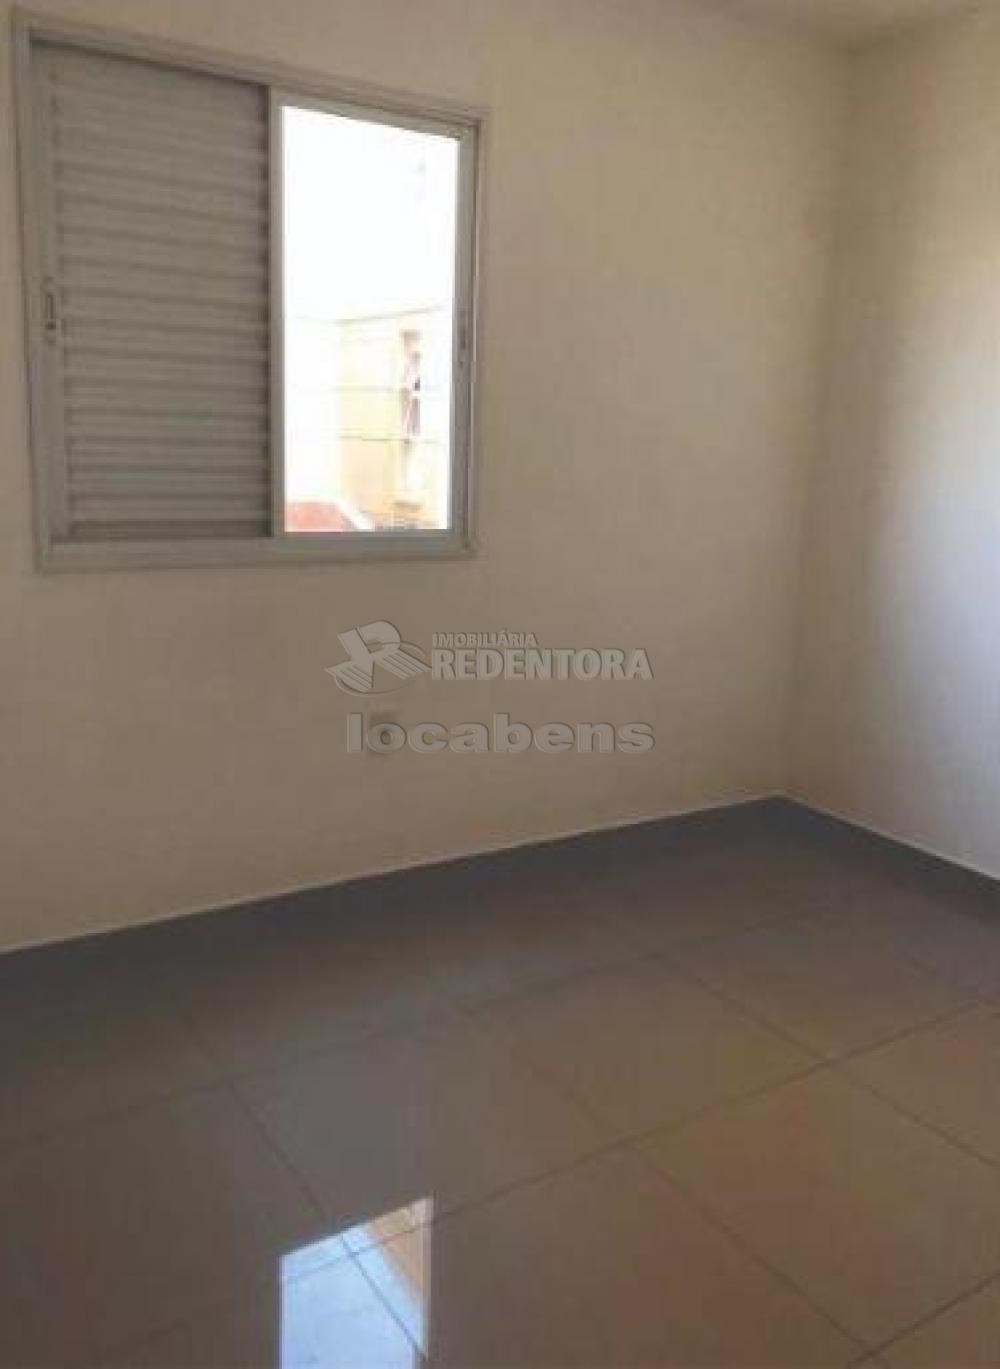 Comprar Apartamento / Padrão em São José do Rio Preto apenas R$ 260.000,00 - Foto 22